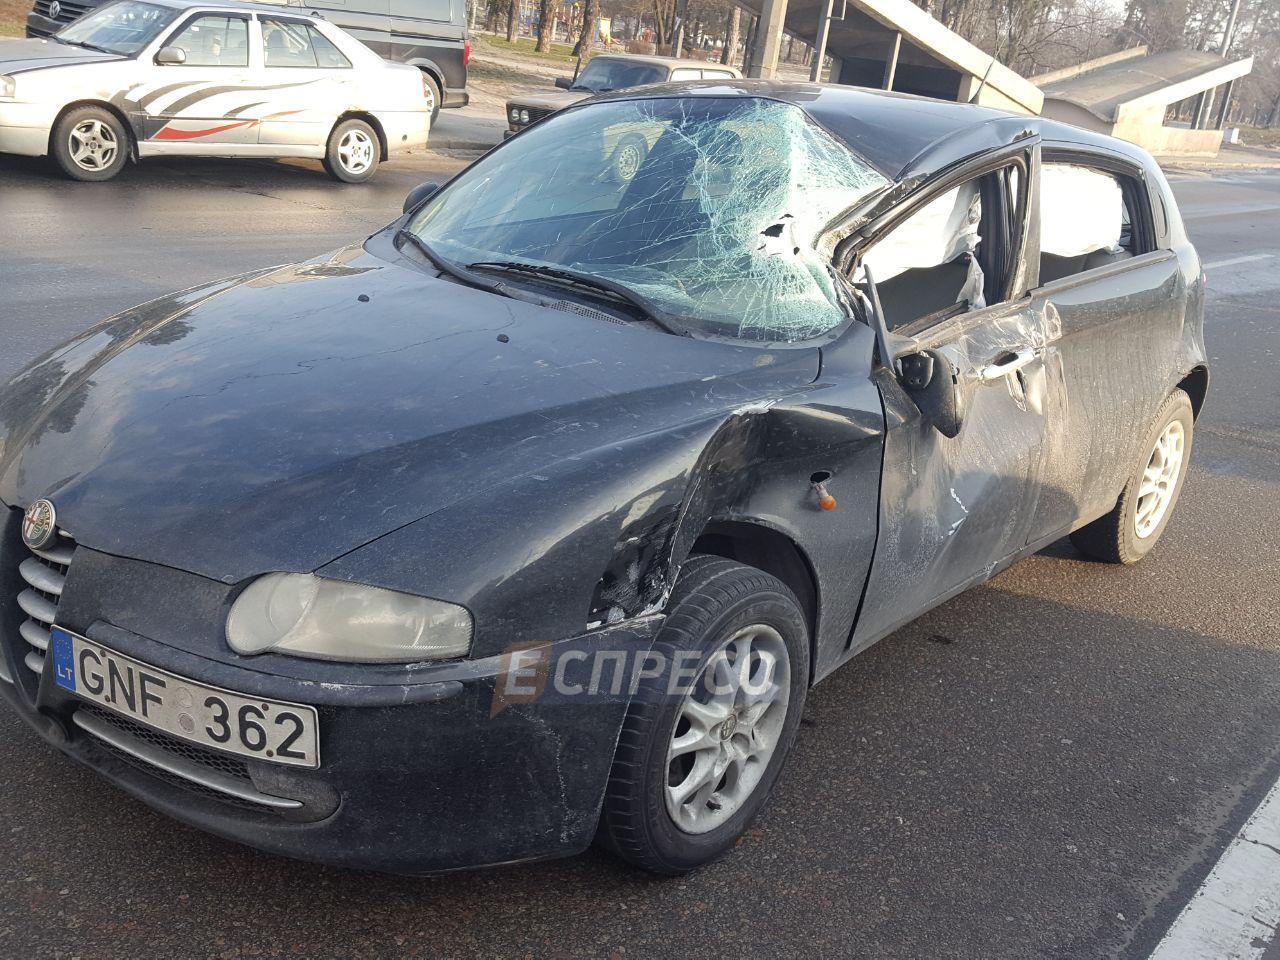 Масштабная авария в Киеве: автомобили разбросало на 60 метров, есть пострадавшие, фото с места ДТП